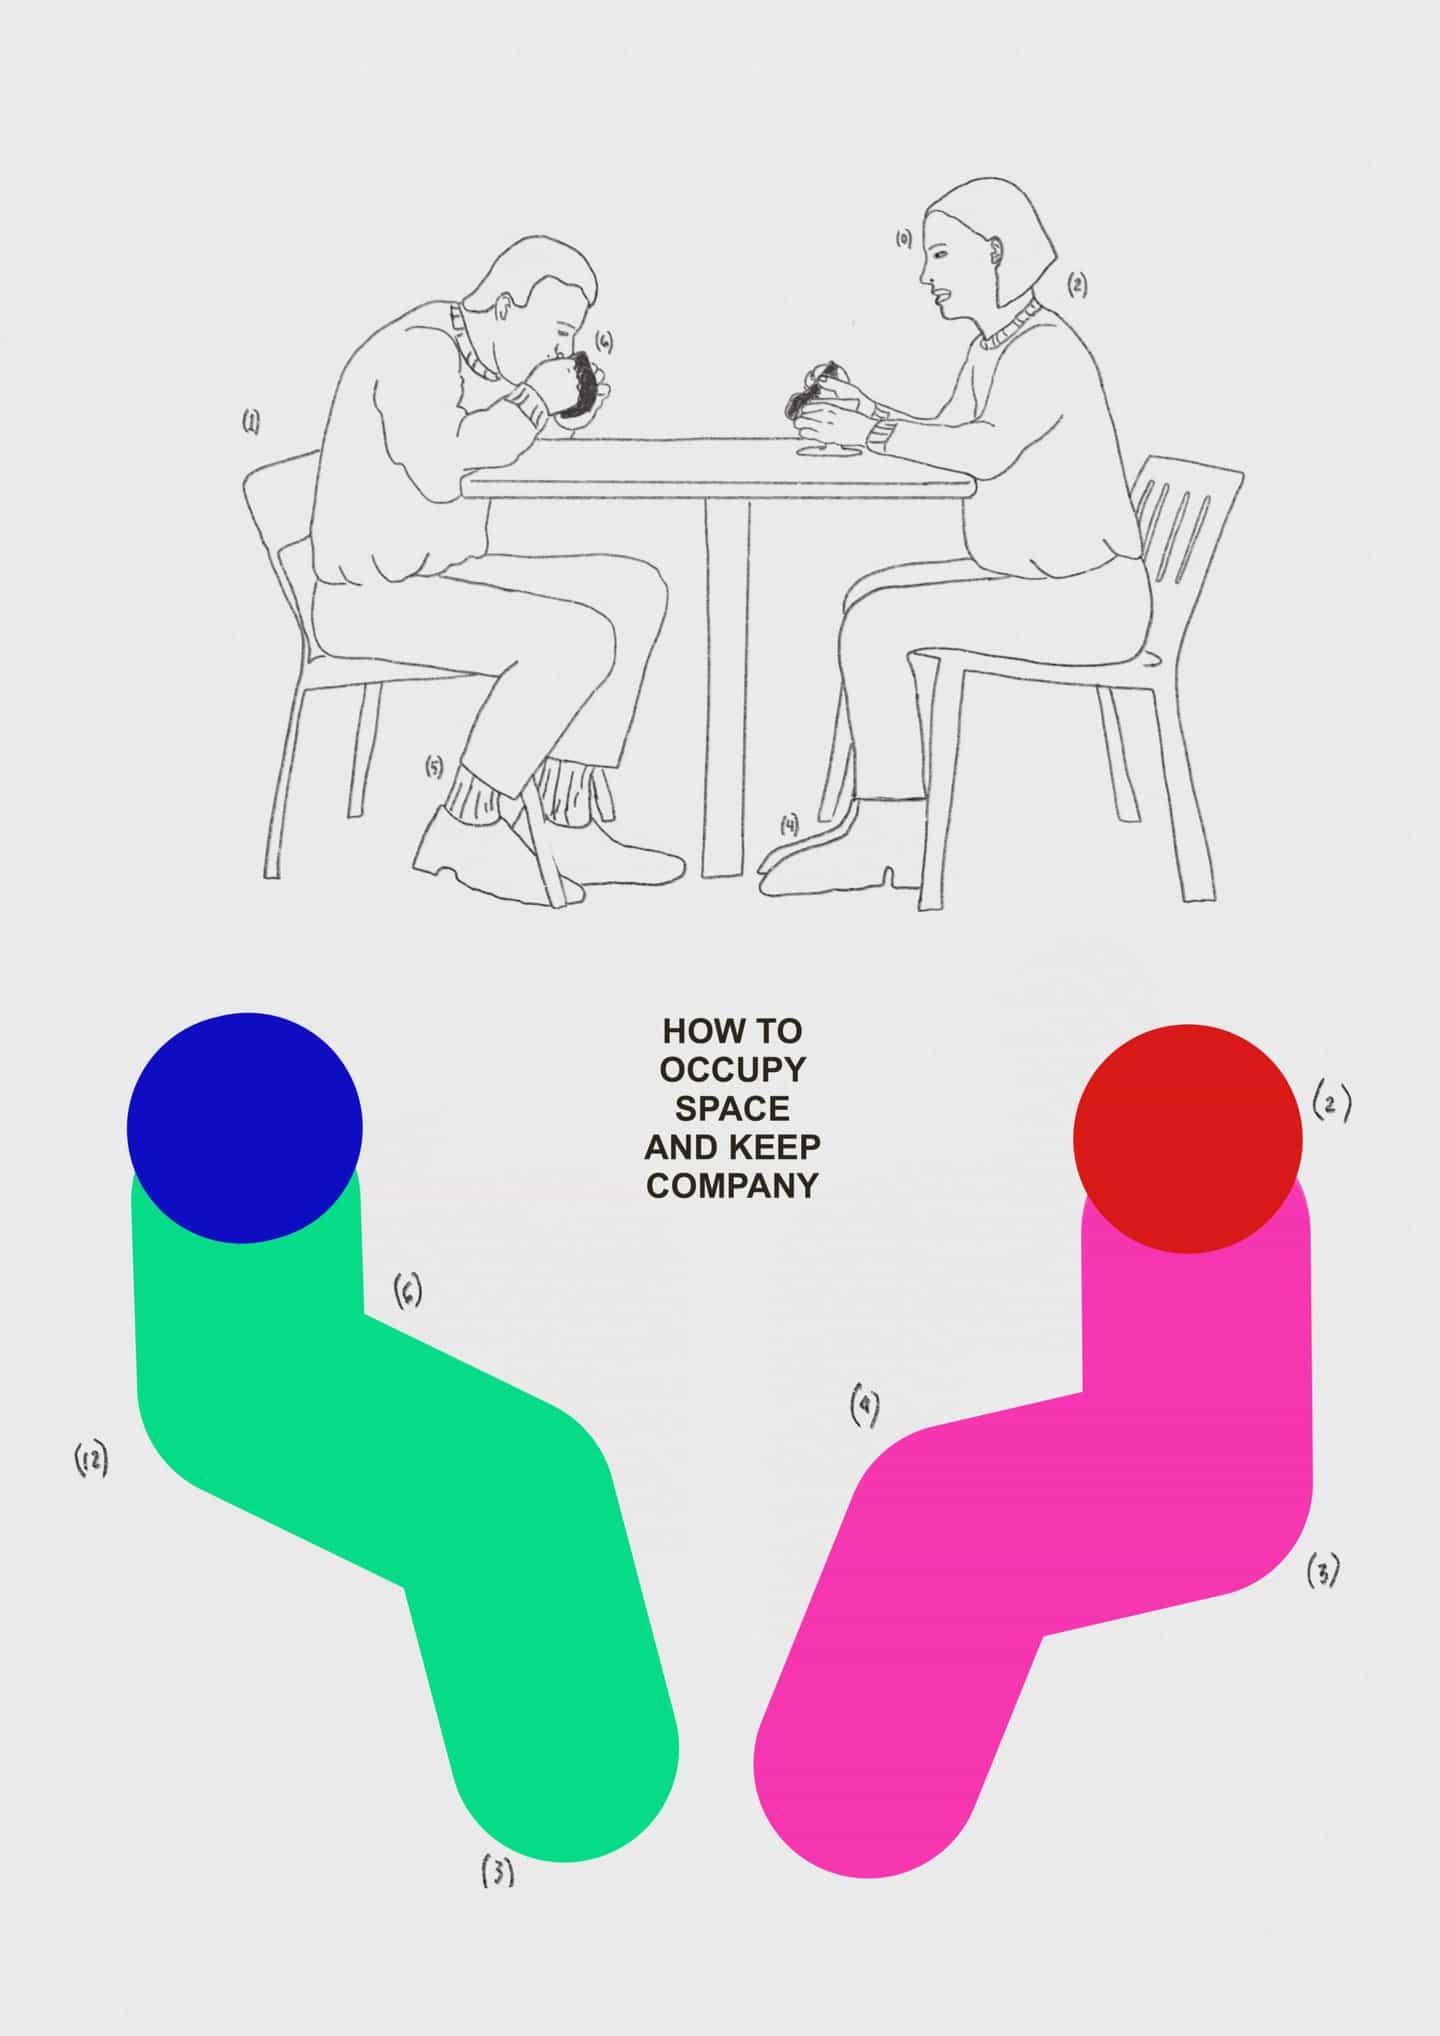 Kimberly Elliott: Cómo ocupar el espacio y mantener la compañía (Copyright © Kimberly Elliott, 2021)